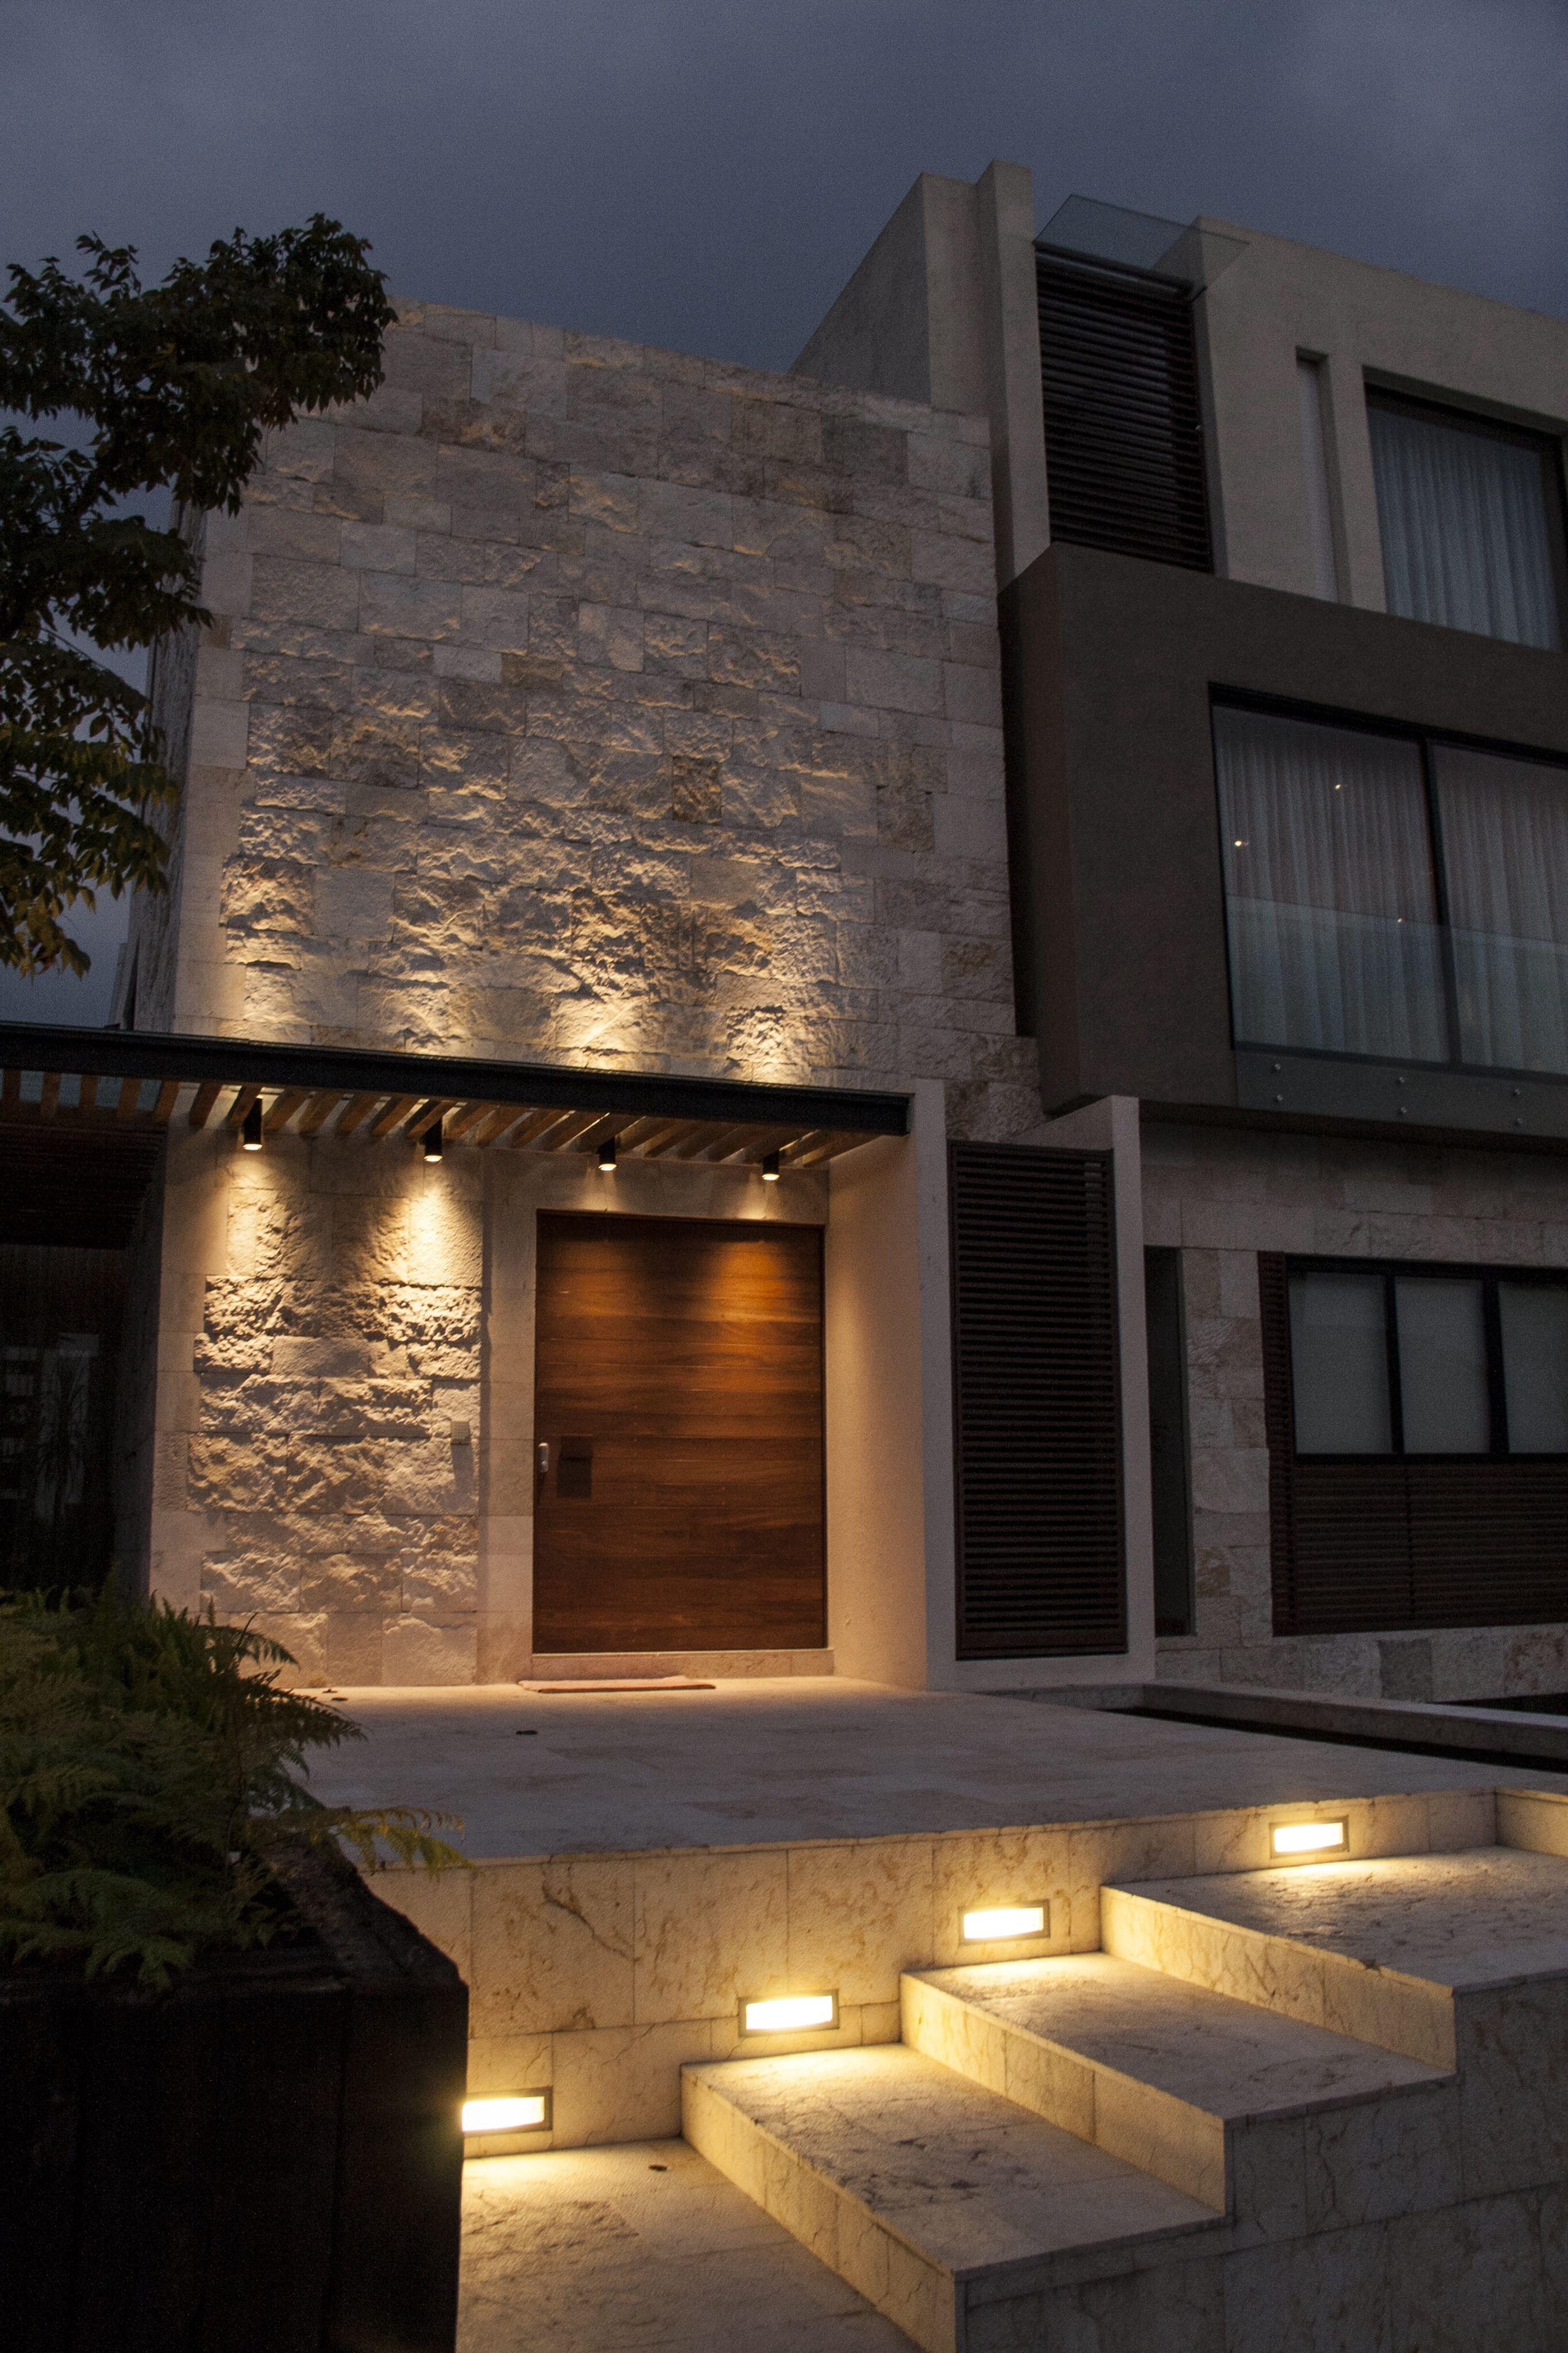 Casa ss fachada muros de piedra iluminación plaza de acceso